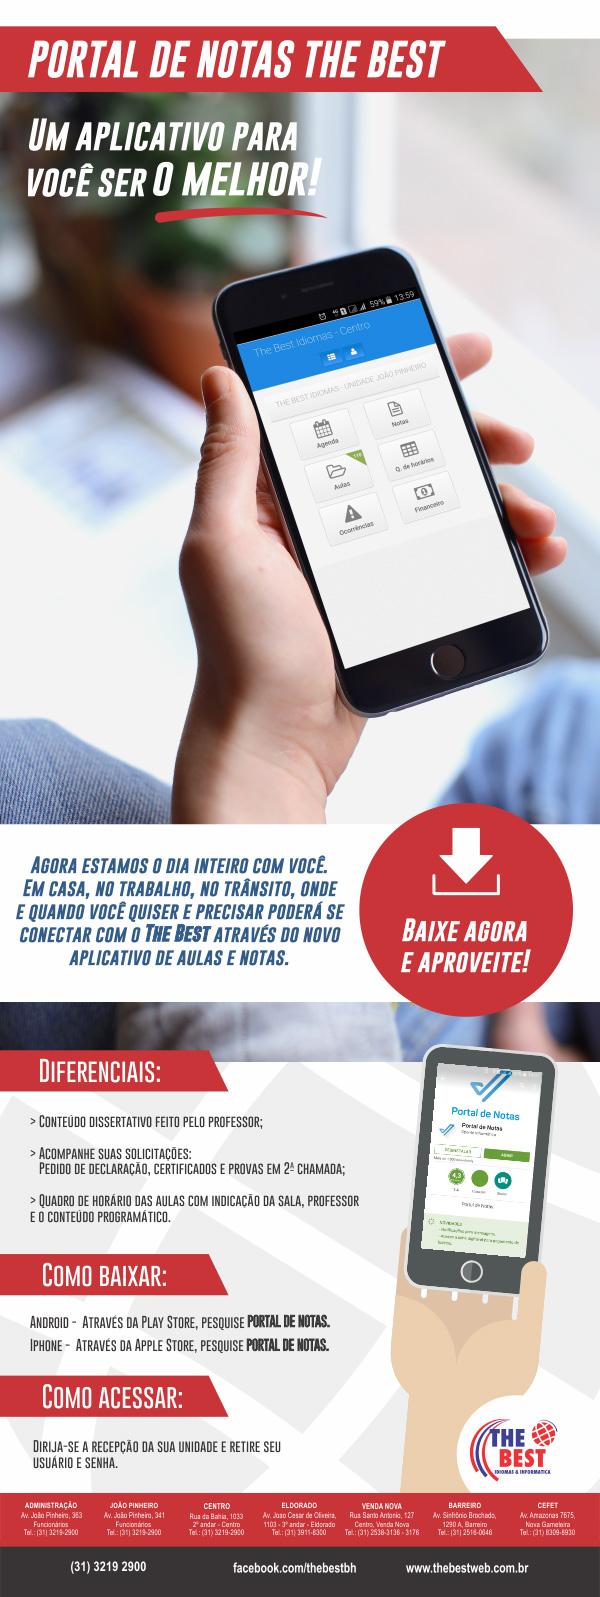 THE-BEST-email-portal-de-notas-02-2